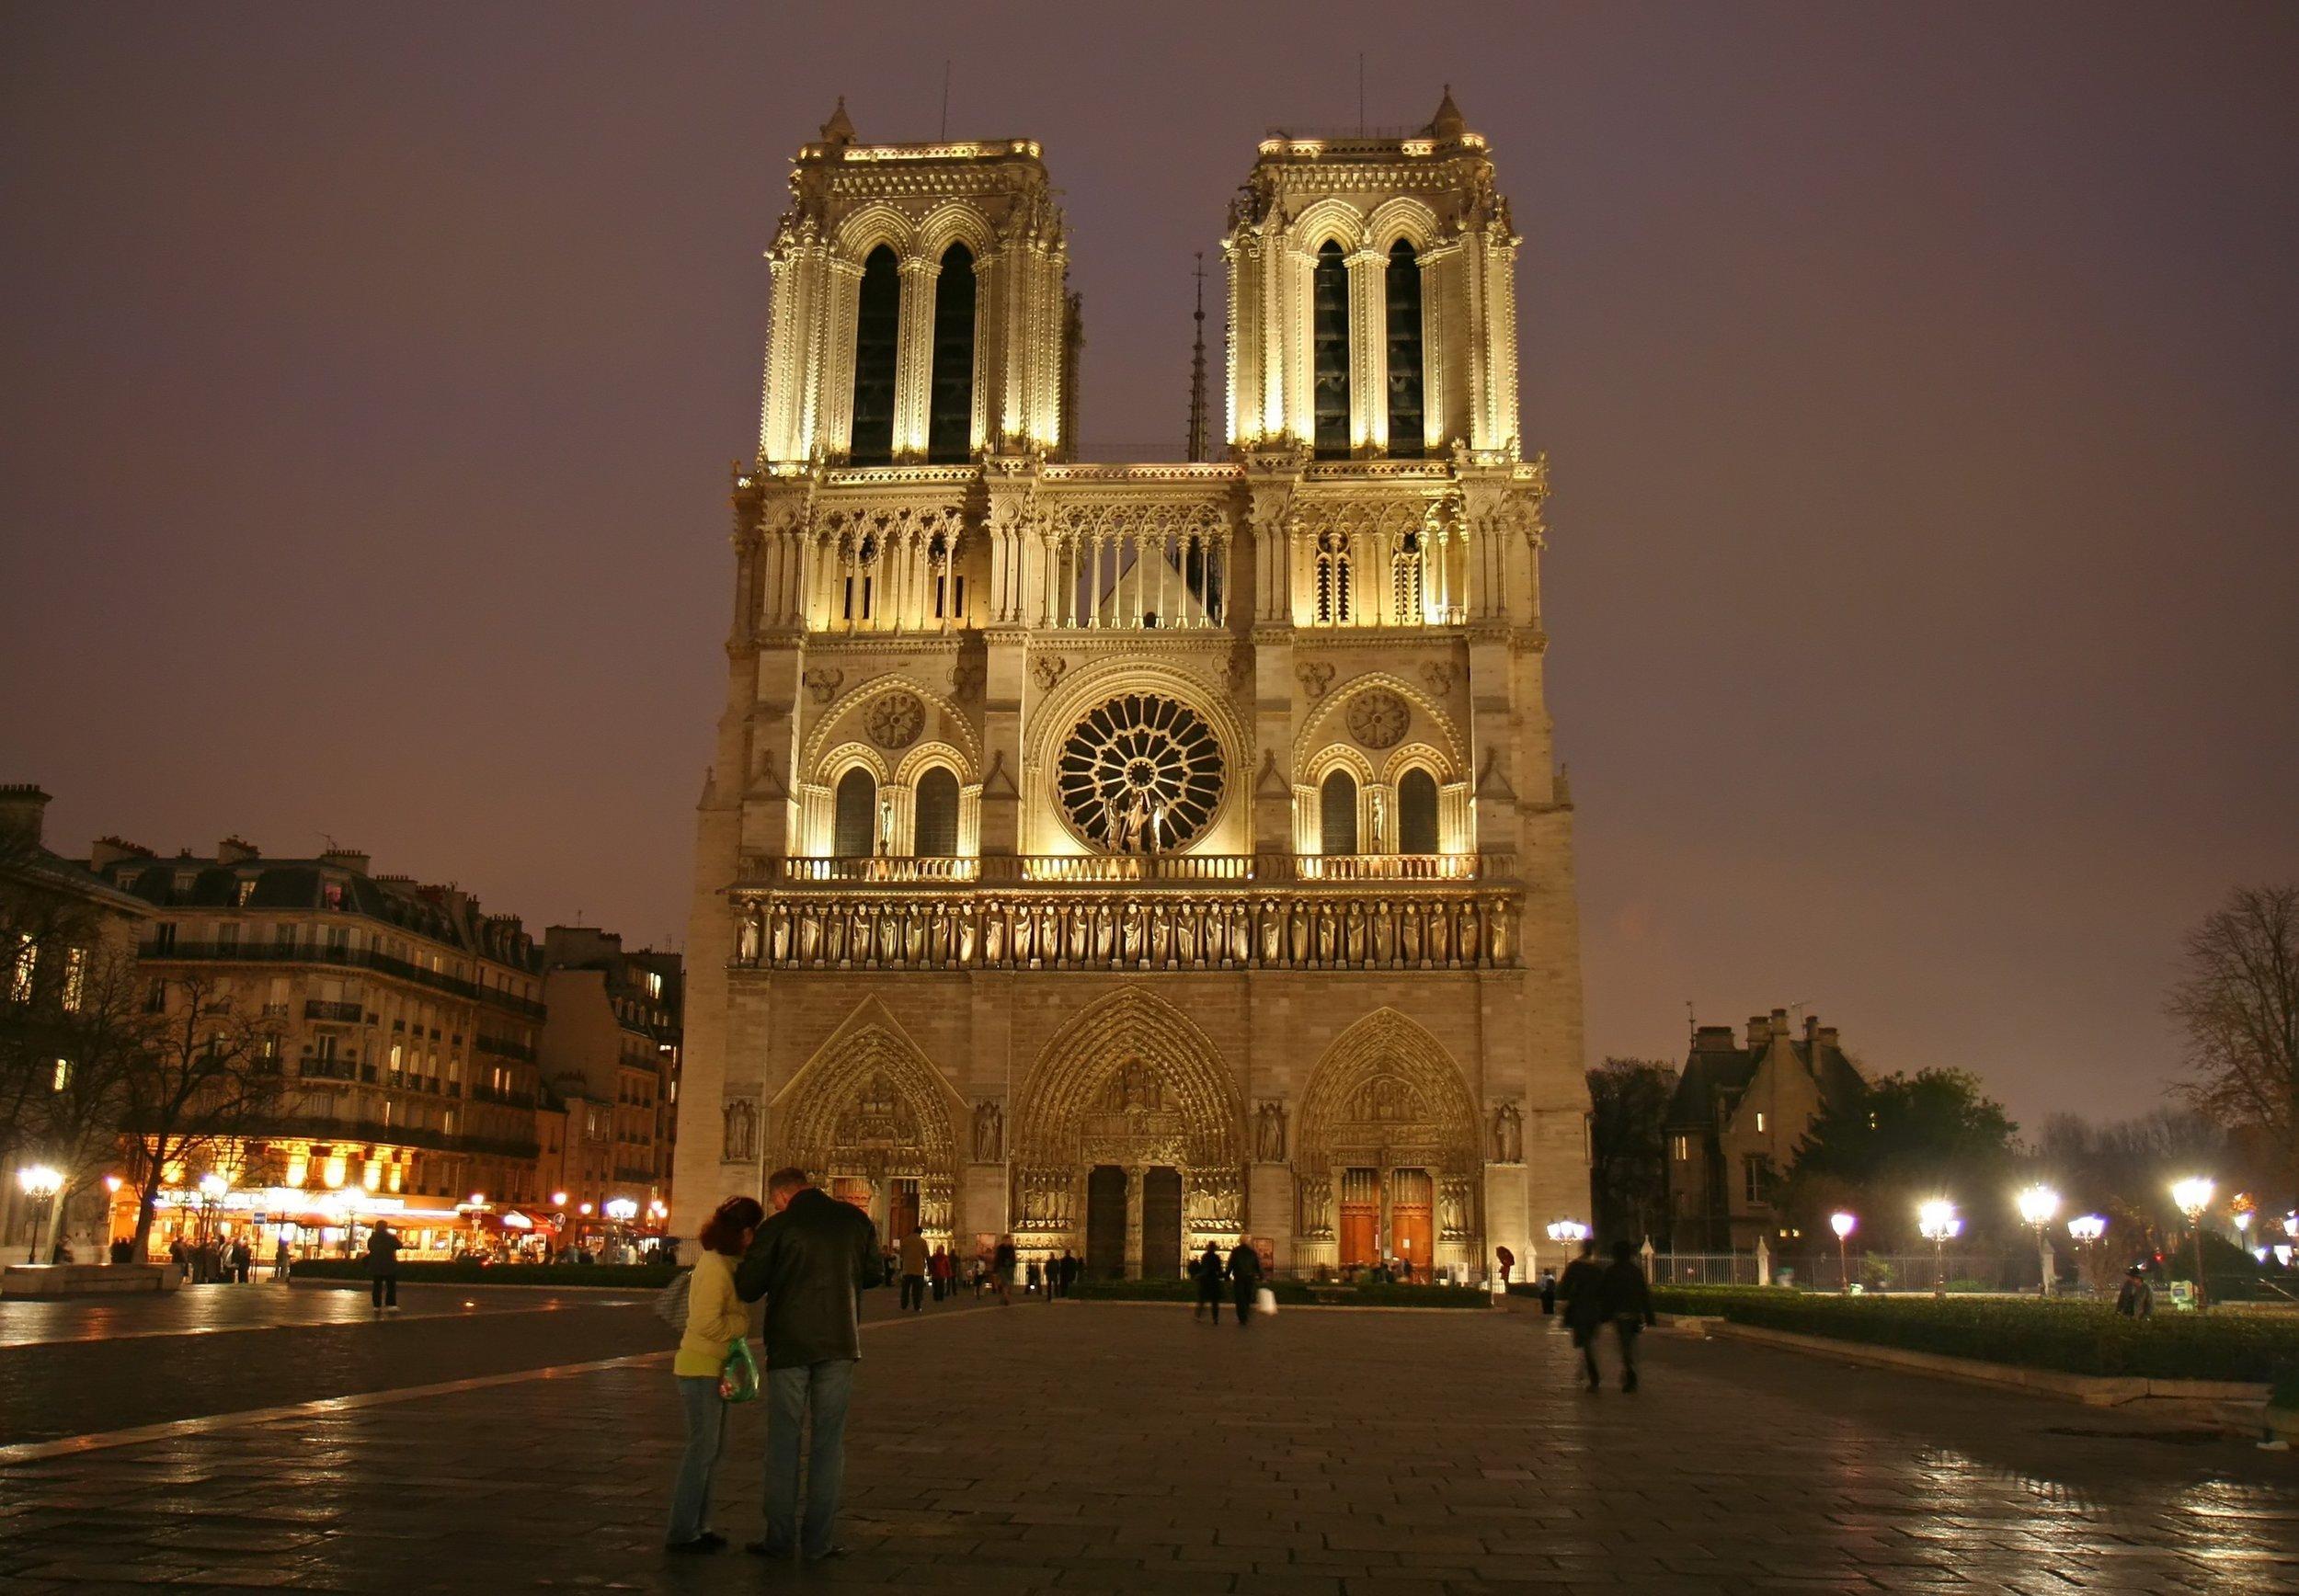 F_Paris_NotreDameNight_XL.jpg